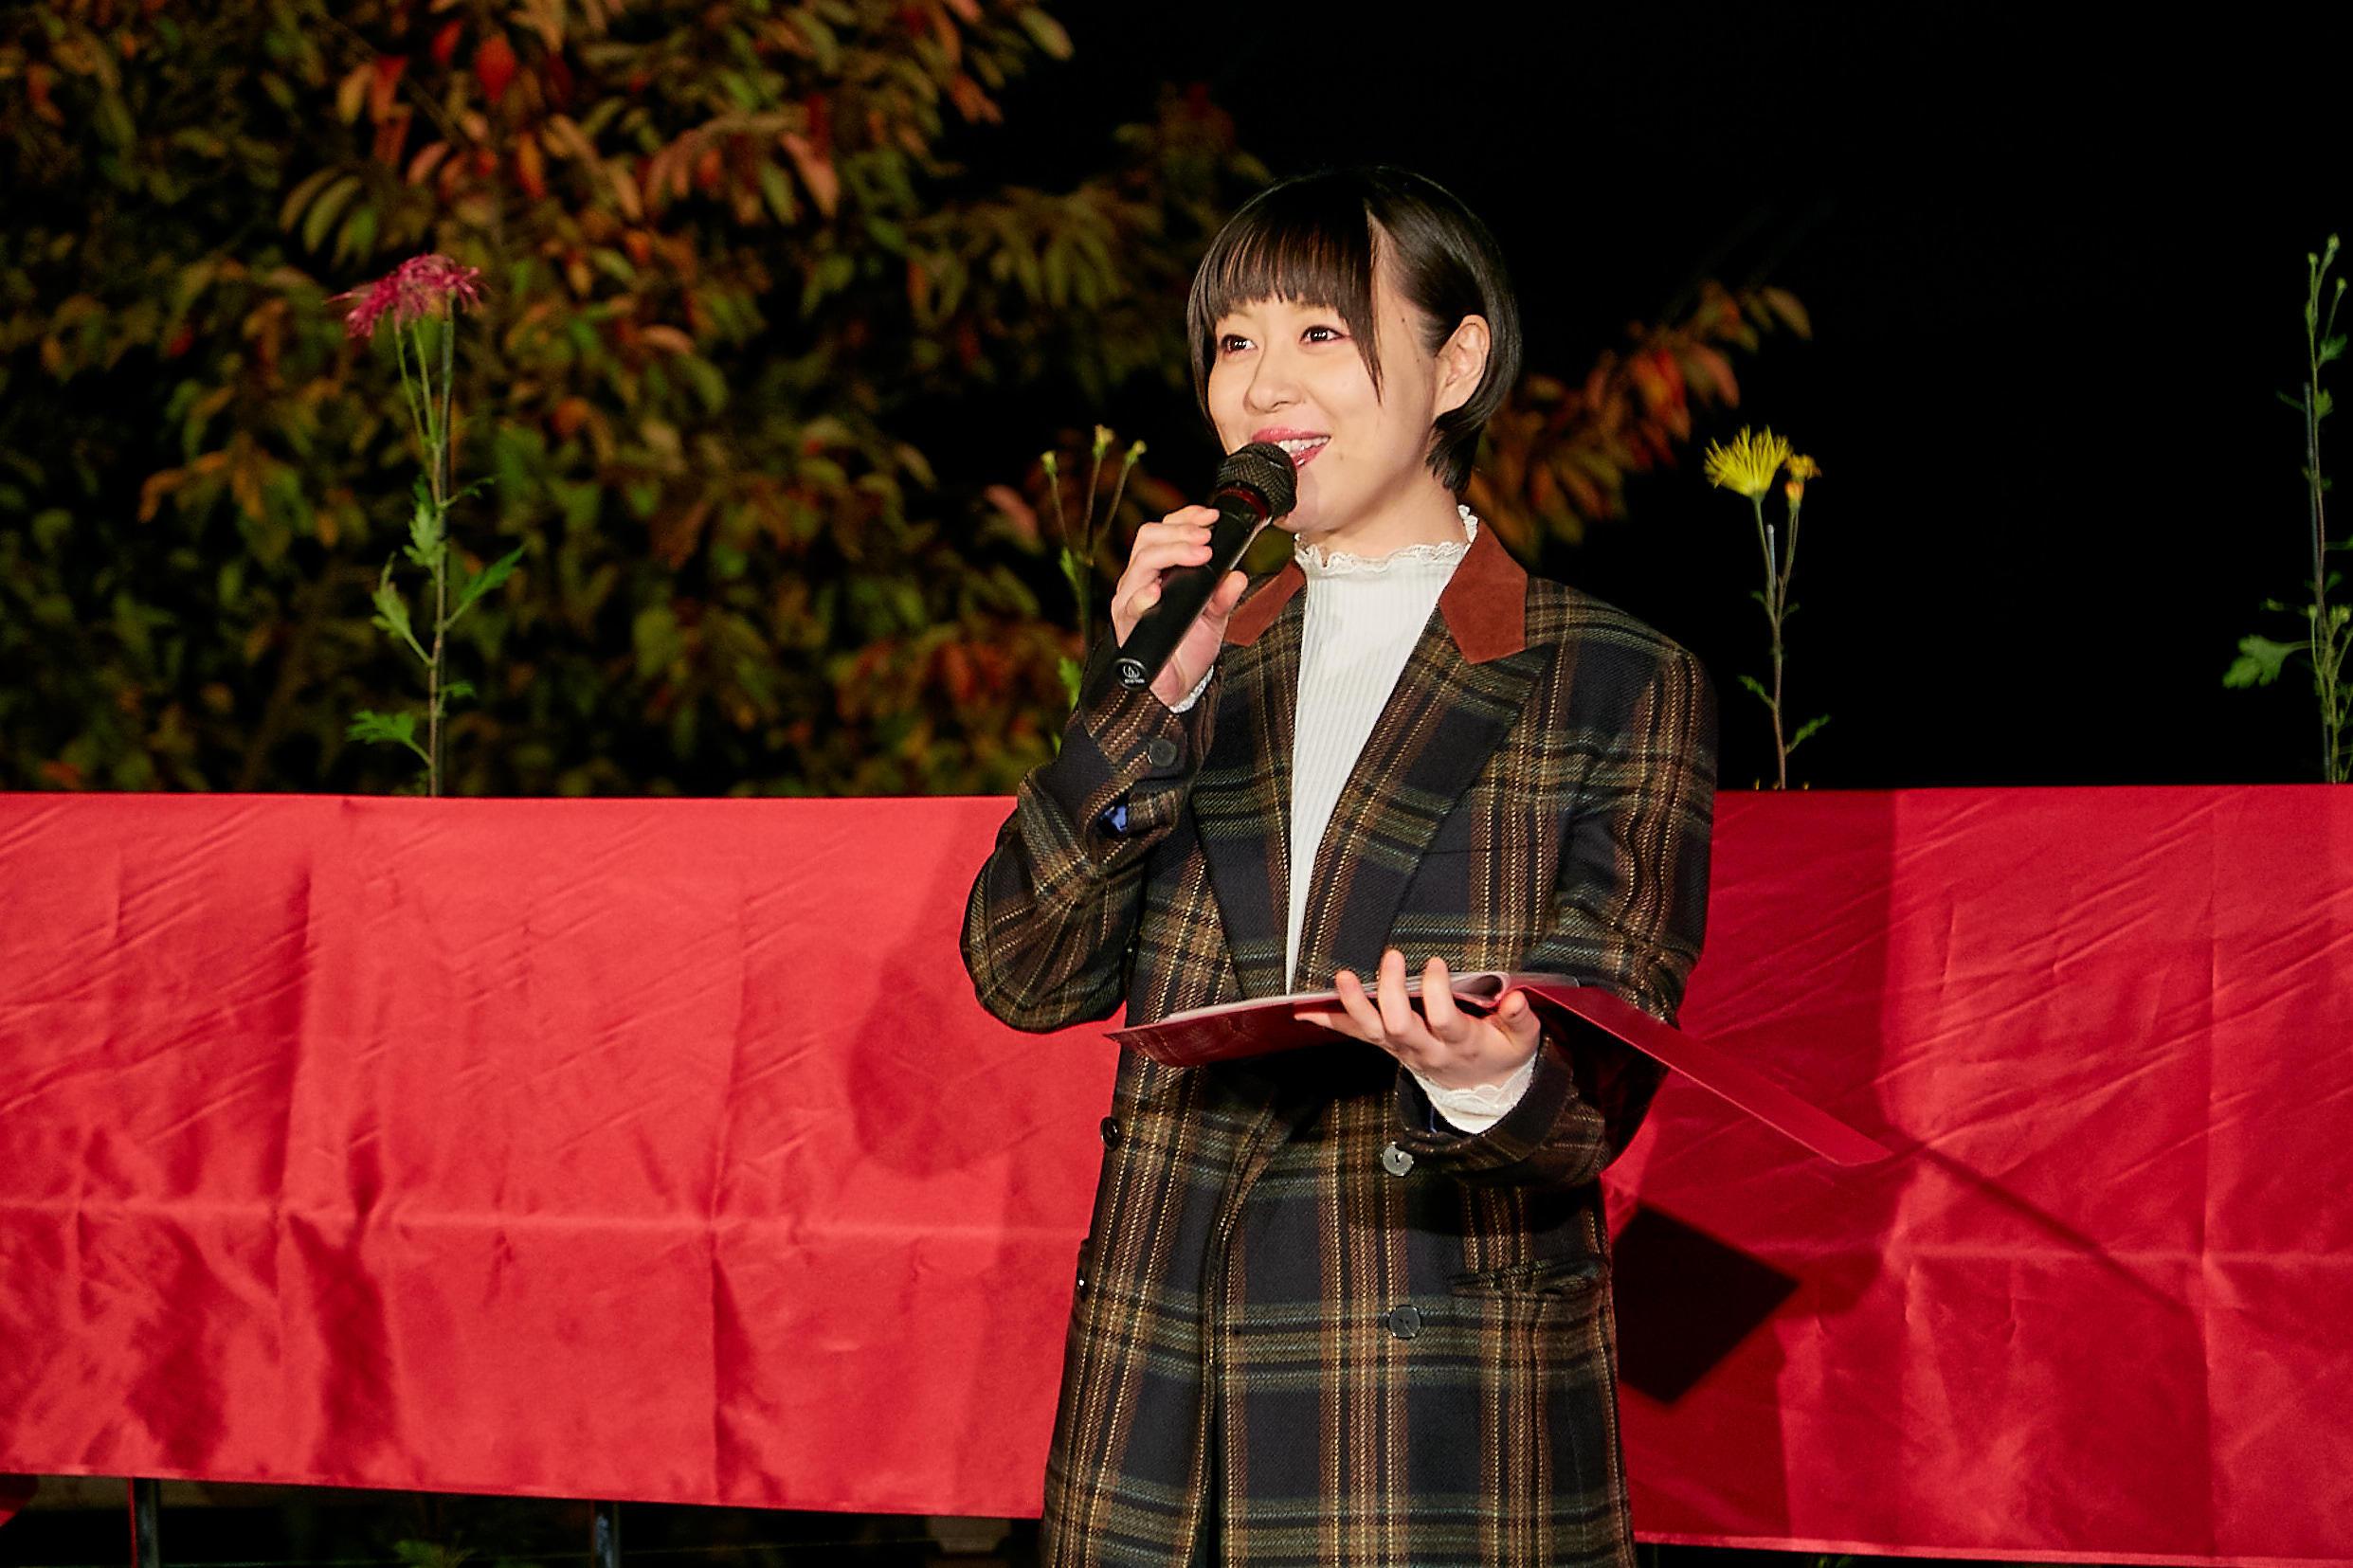 http://news.yoshimoto.co.jp/20181103080821-4912f0c64bcfde4f1eb6cac1c9e0f54b1d98727a.jpg